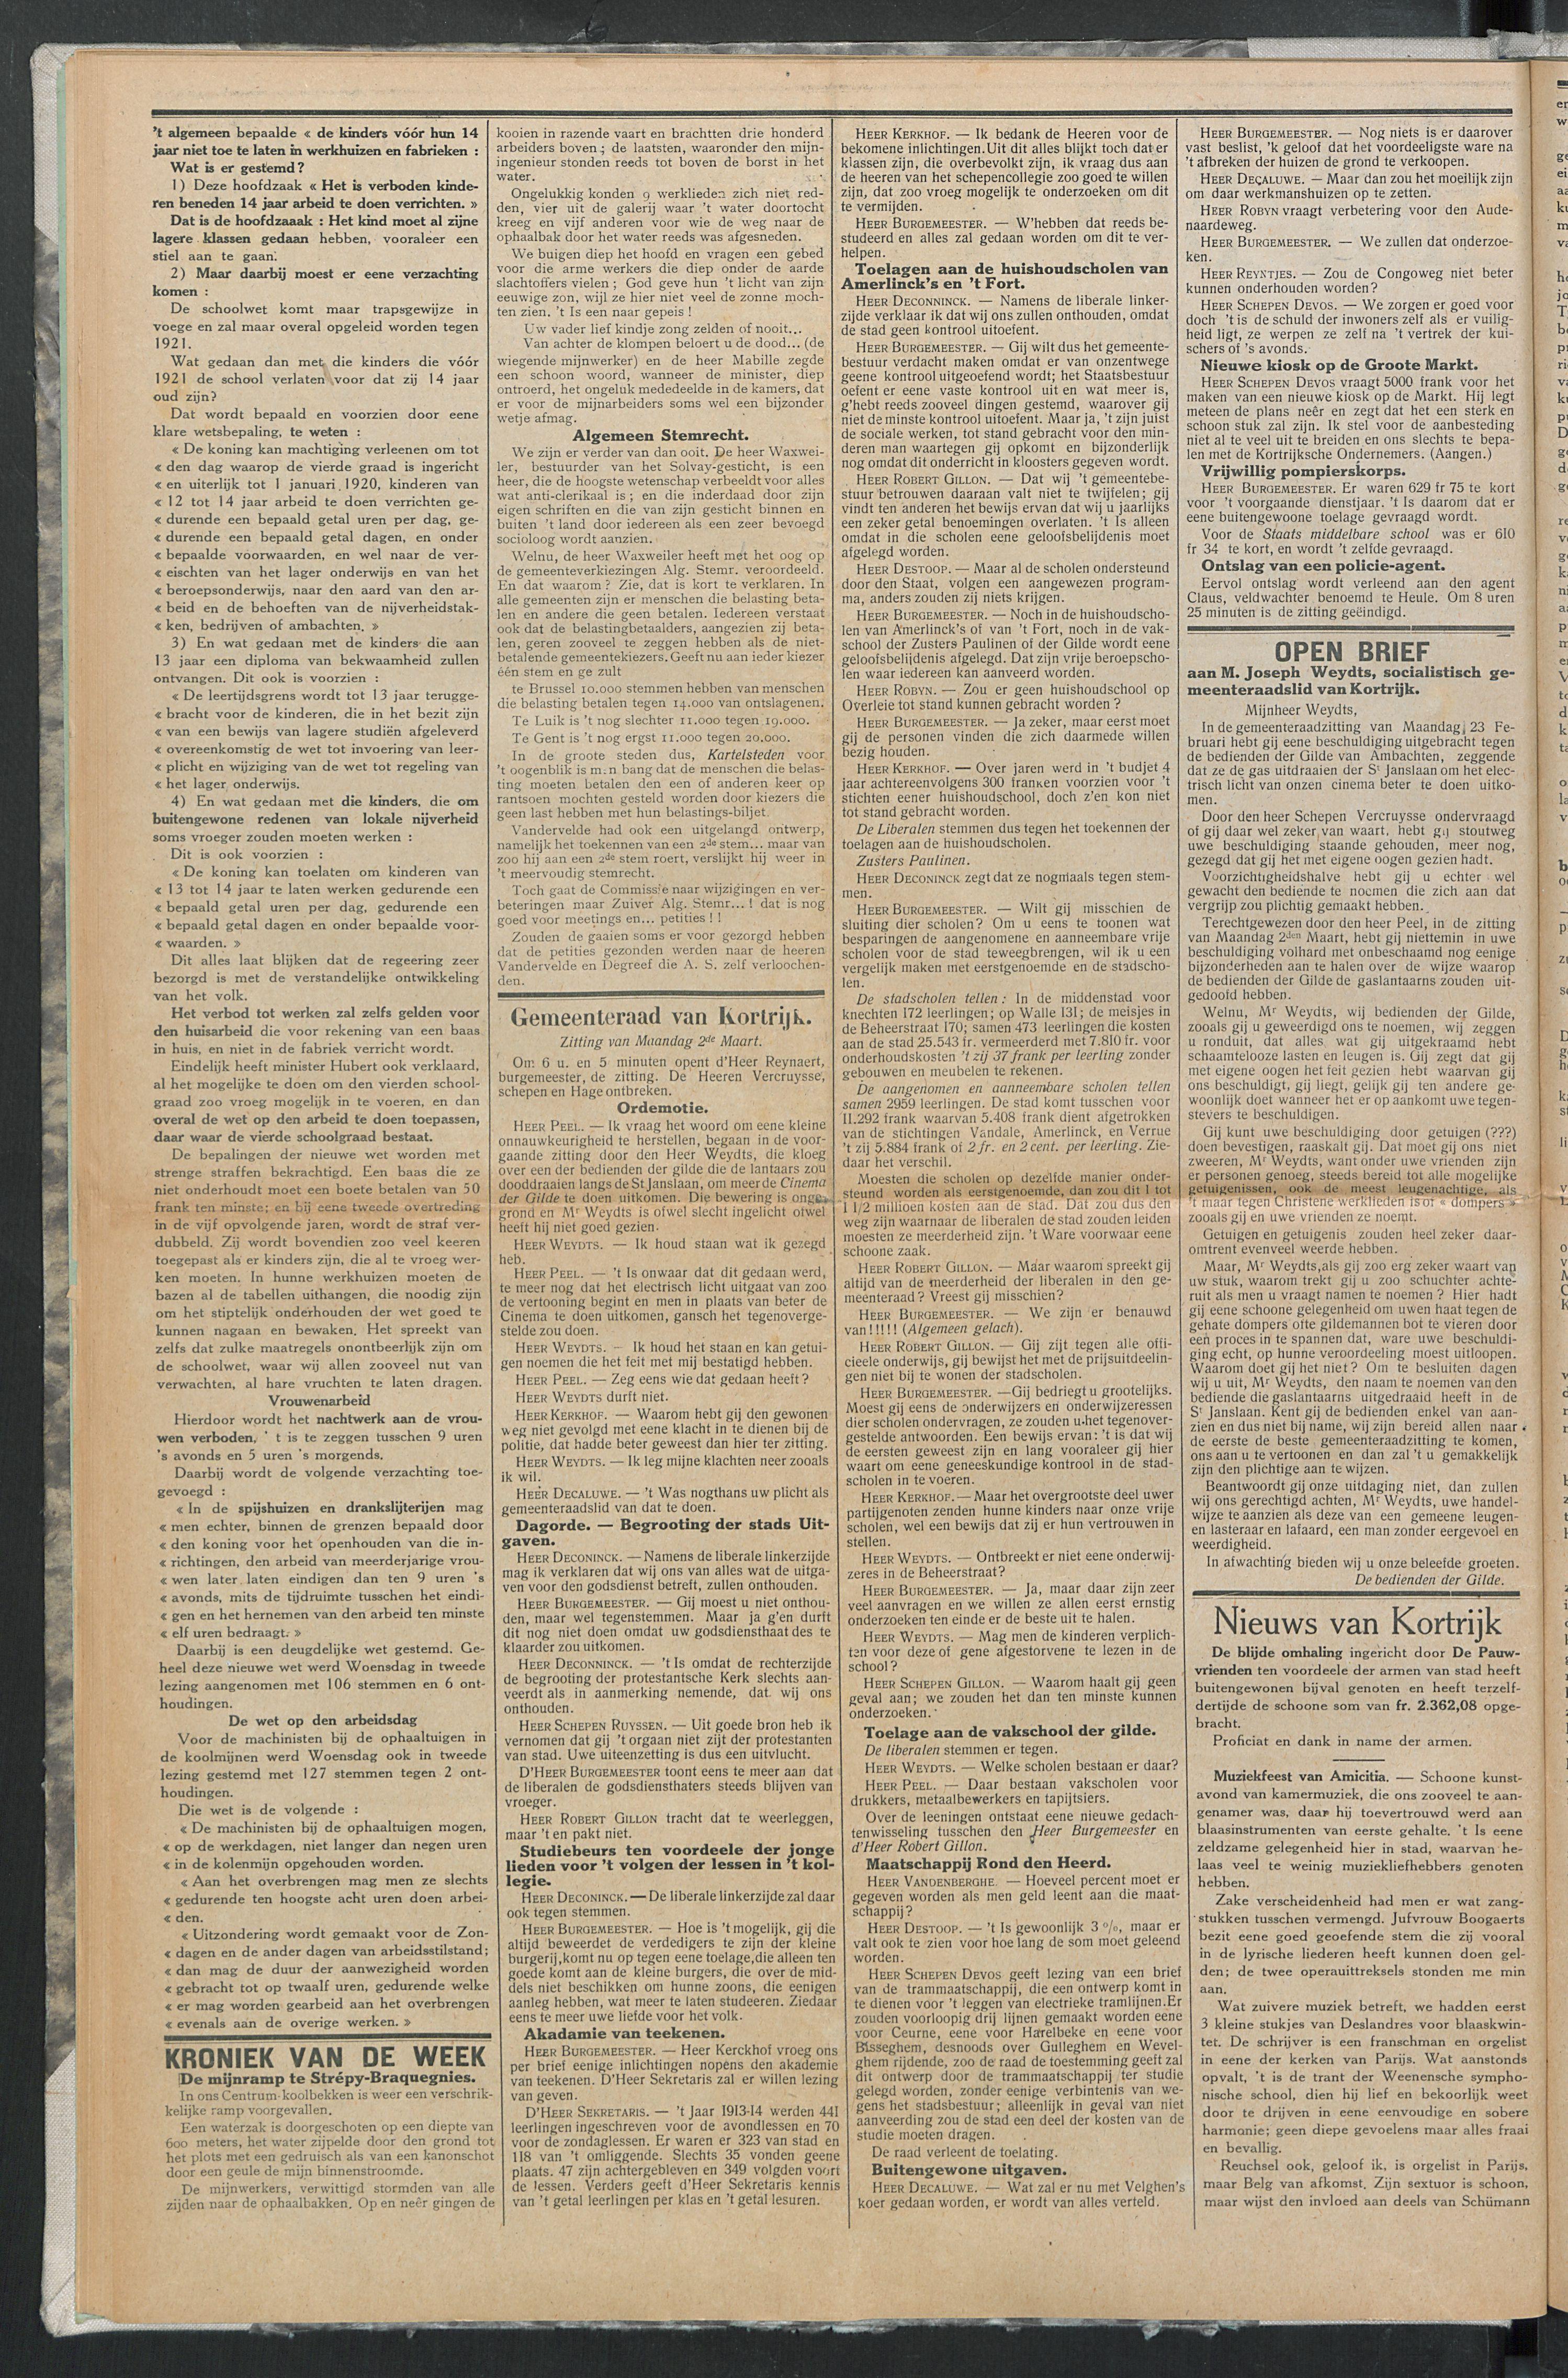 Het Kortrijksche Volk 1914-03-08 p2